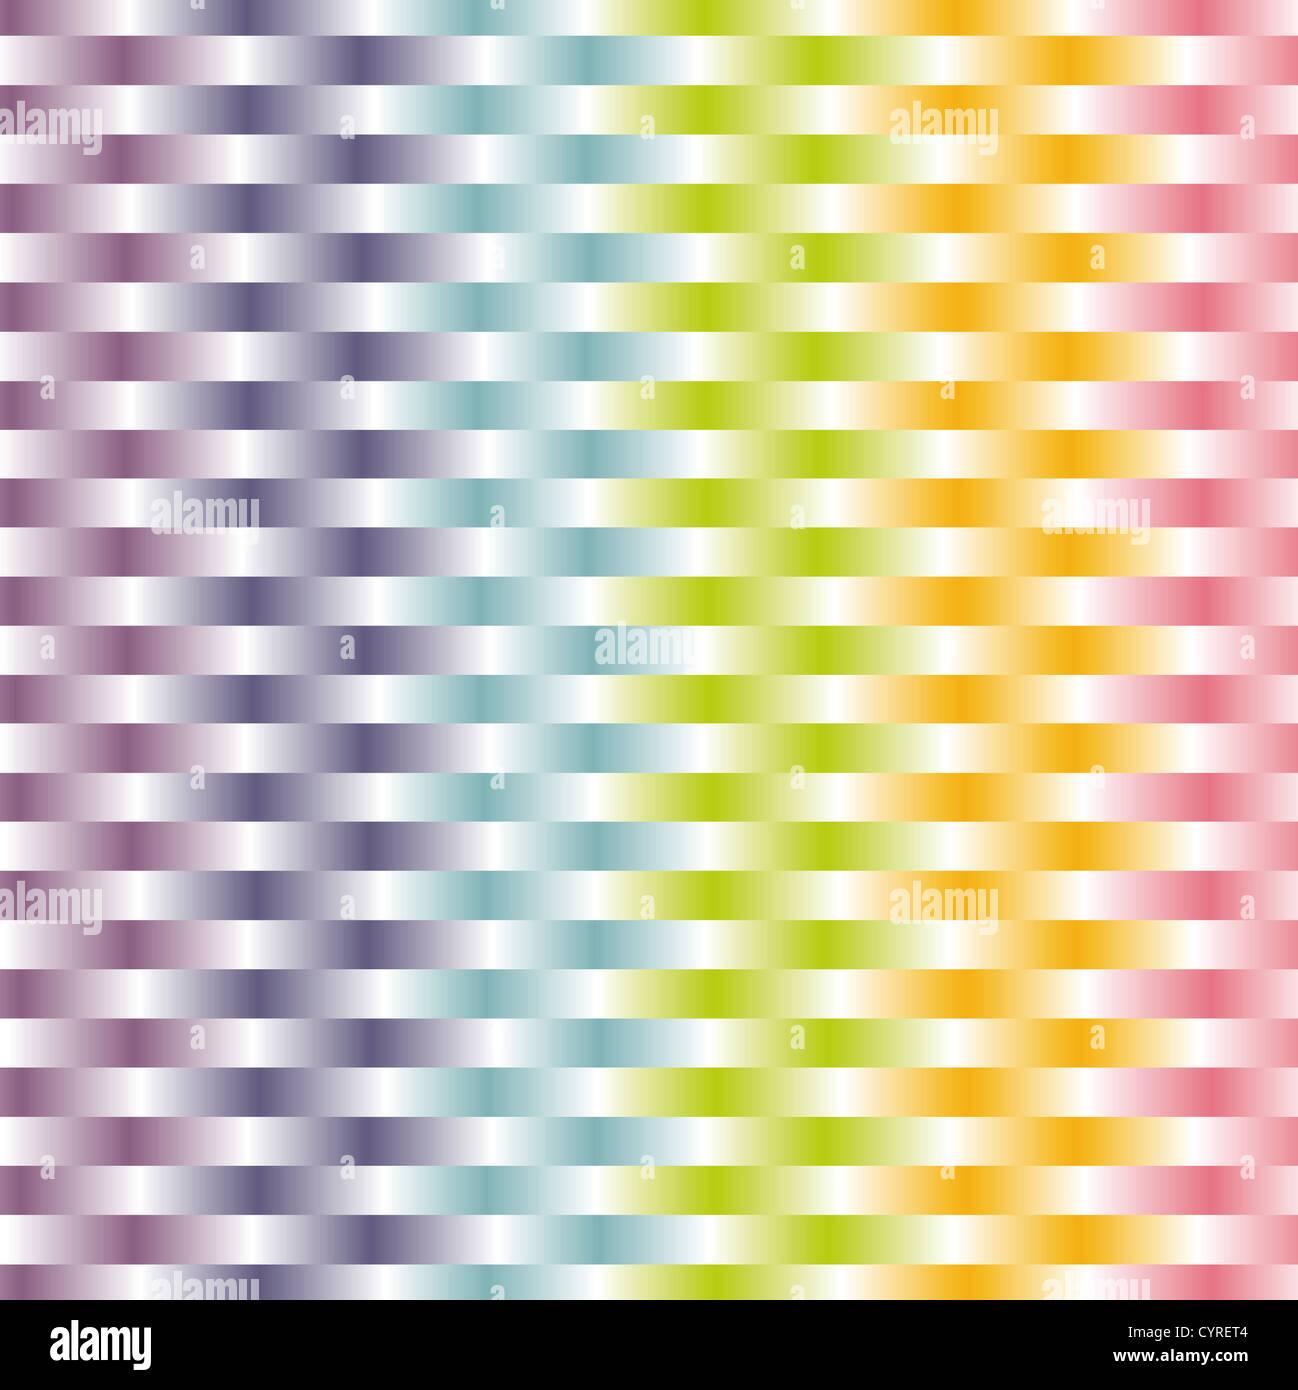 gewebte Hintergrund in Pastell Regenbogen Farbenmuster Stockbild